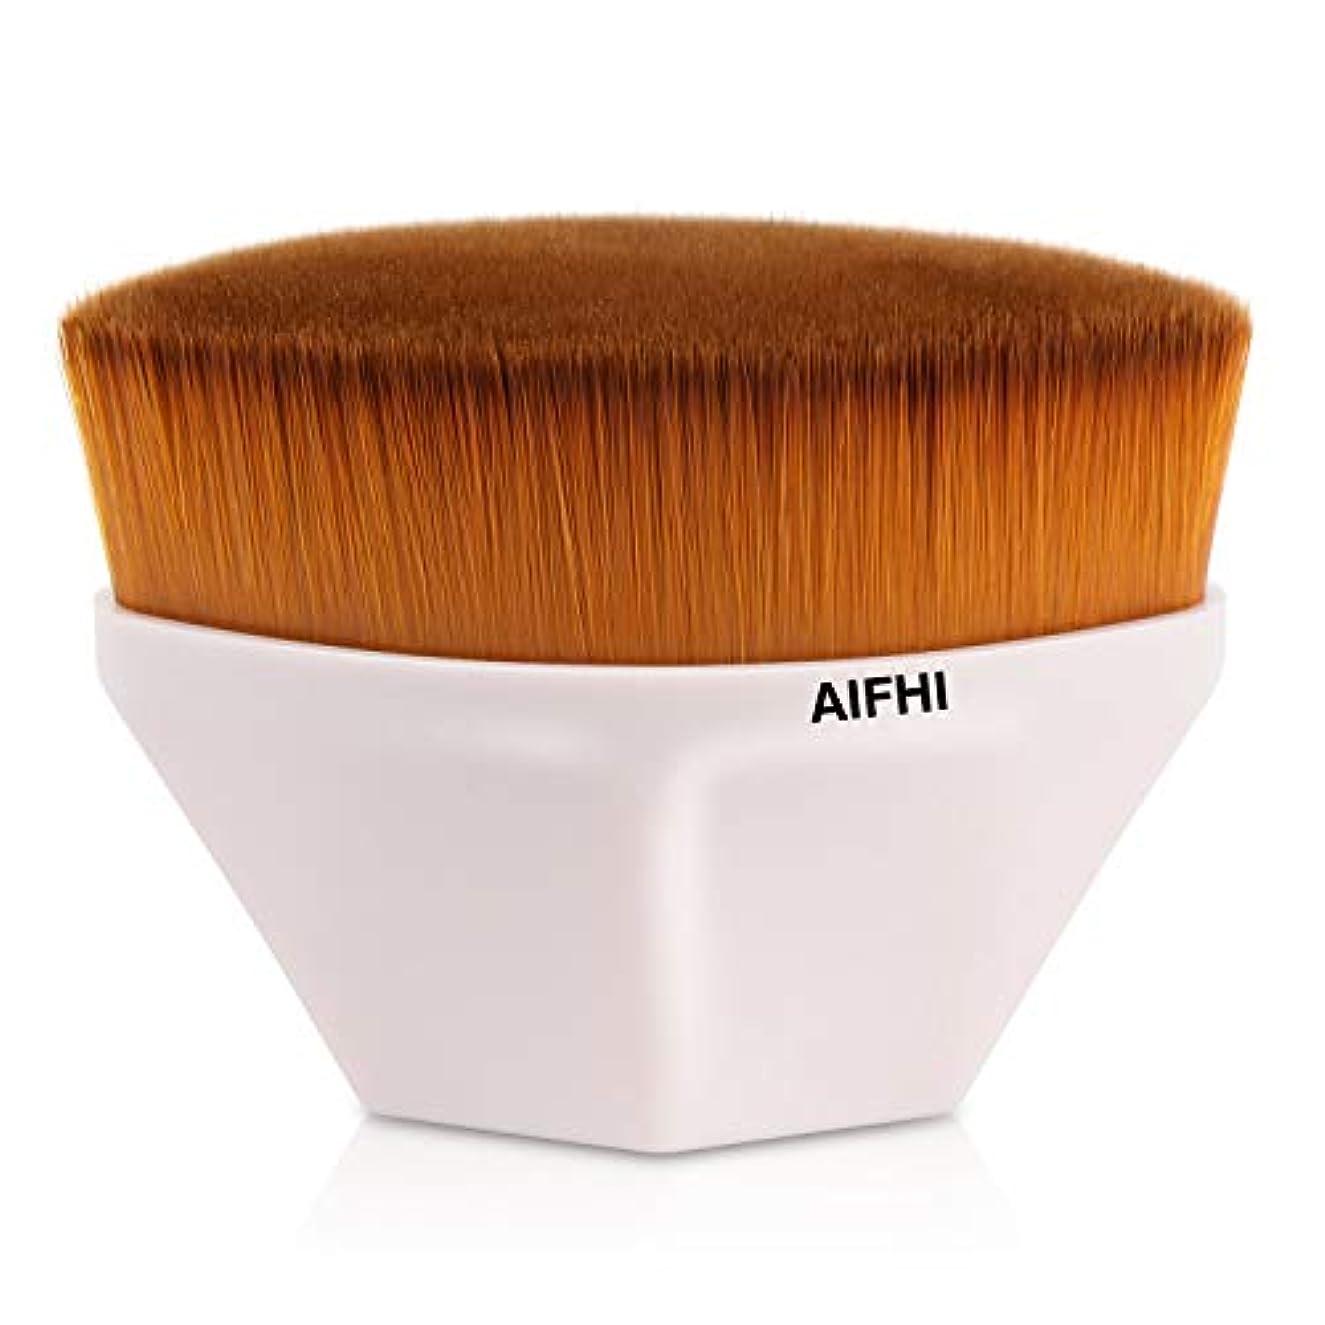 感嘆進化版AIFHI メイクアップブラシ 粧ブラシ 化粧筆 ファンデーションブラシ 肌に優しい 携帯便利 高級のタクロンを使用 (ライトピンク)